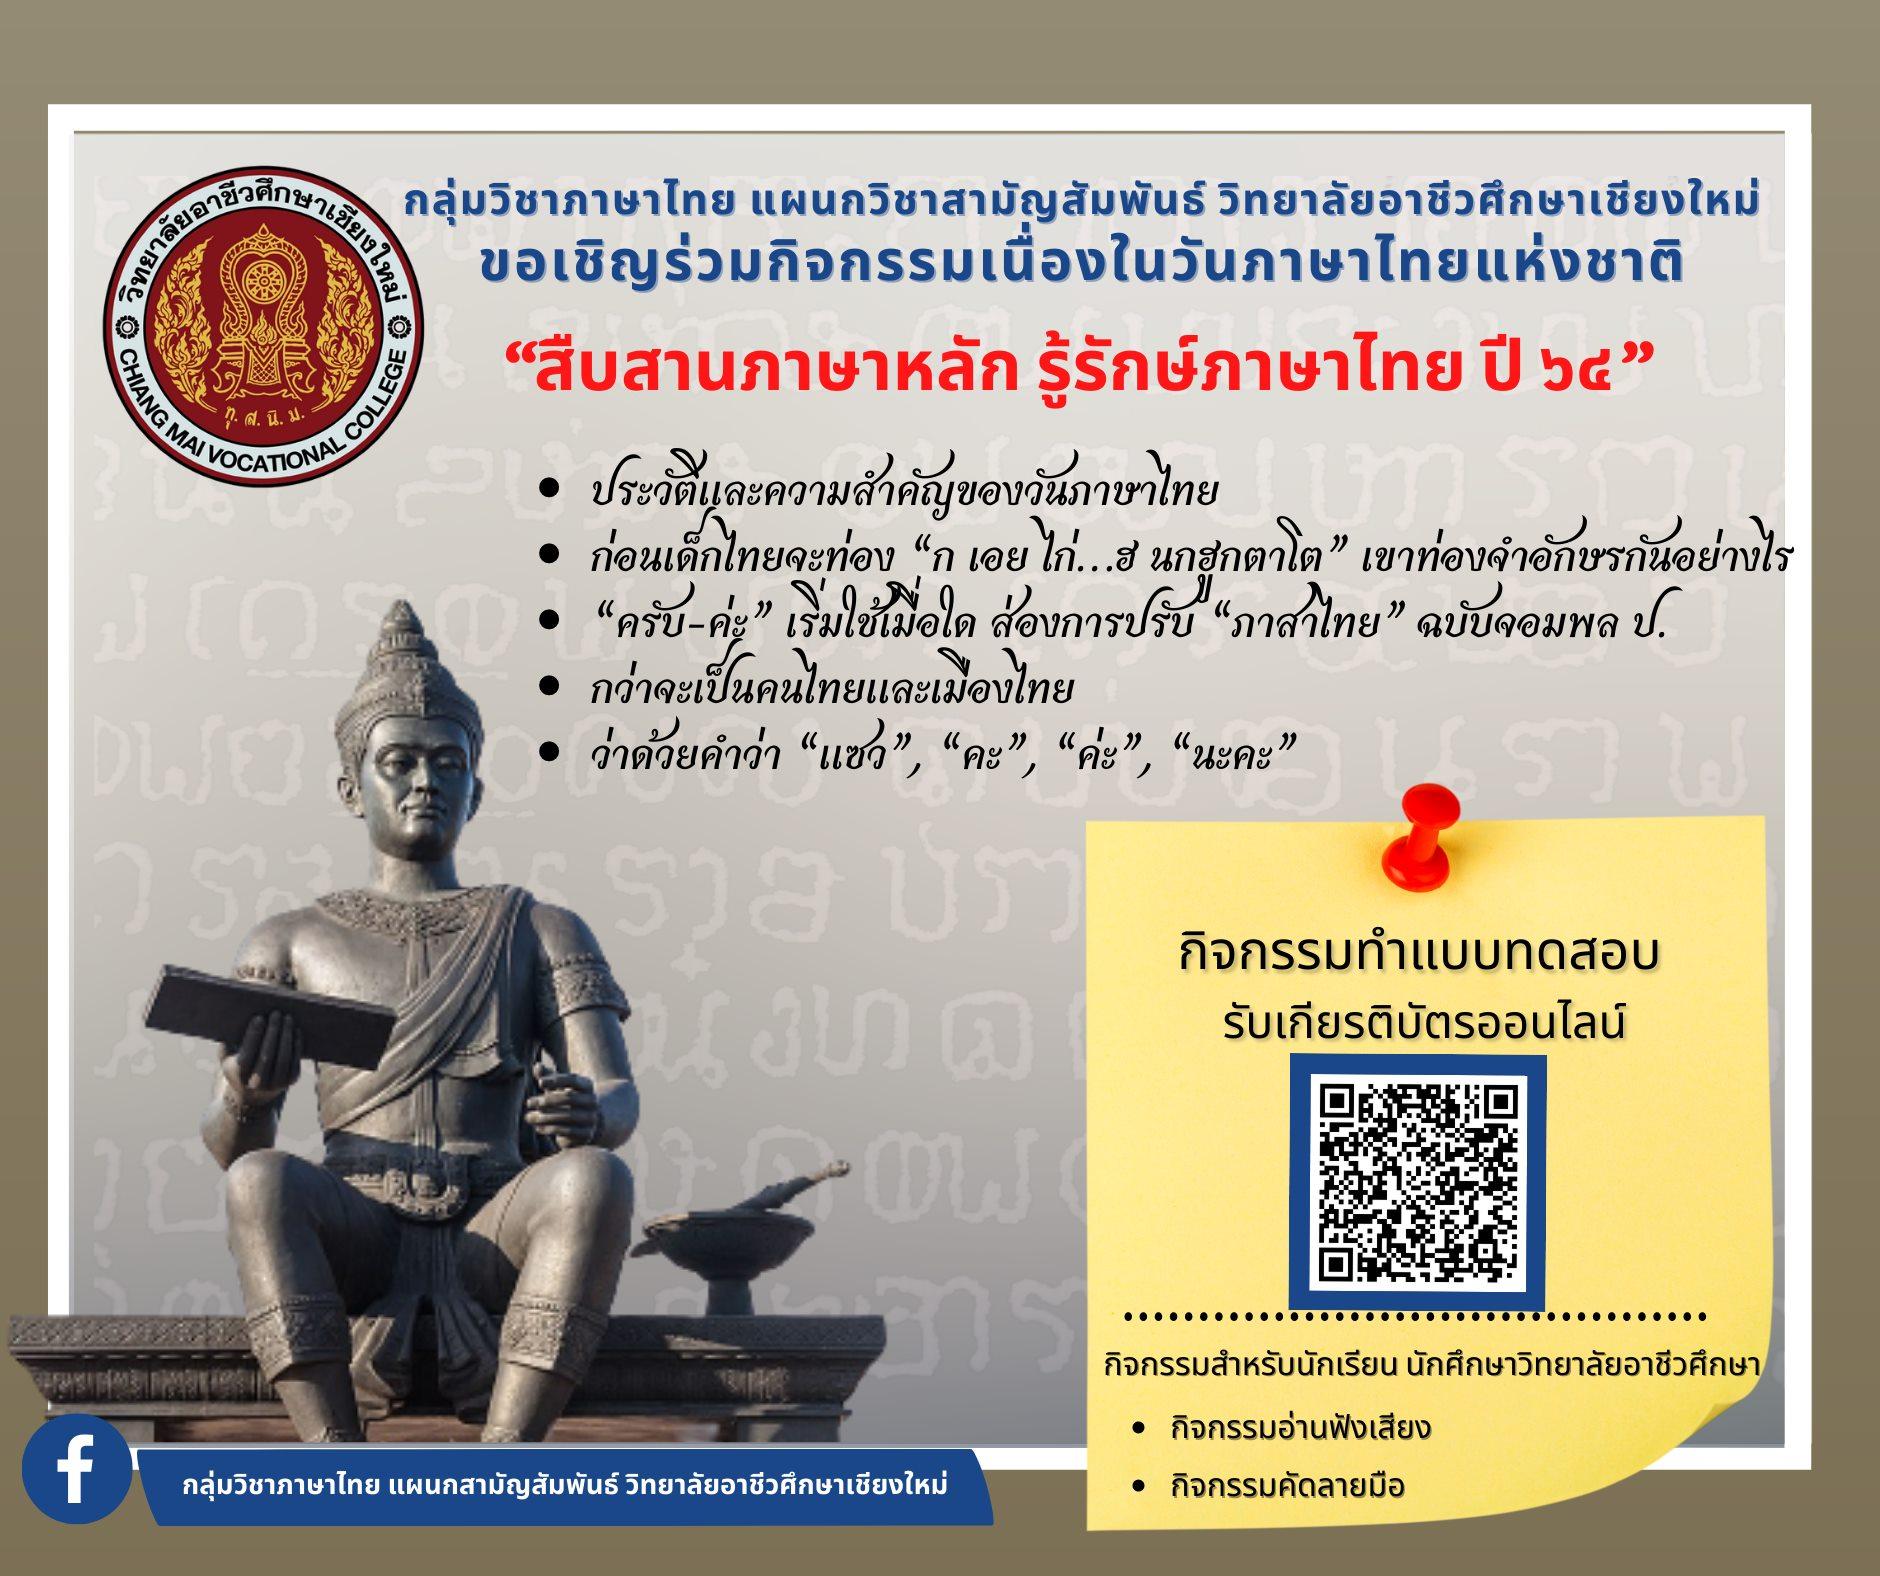 """แบบทดสอบออนไลน์ กิจกรรม""""สืบสานภาษาหลัก รู้รักษ์ภาษาไทย ปี 64"""" ผ่านเกณฑ์ร้อยละ 80 ขึ้นไป จะได้รับเกียรติบัตรออนไลน์ โดยกลุ่มวิชาภาษาไทย แผนกวิชาสามัญสัมพันธ์ วิทยาลัยอาชีวศึกษาเชียงใหม่"""